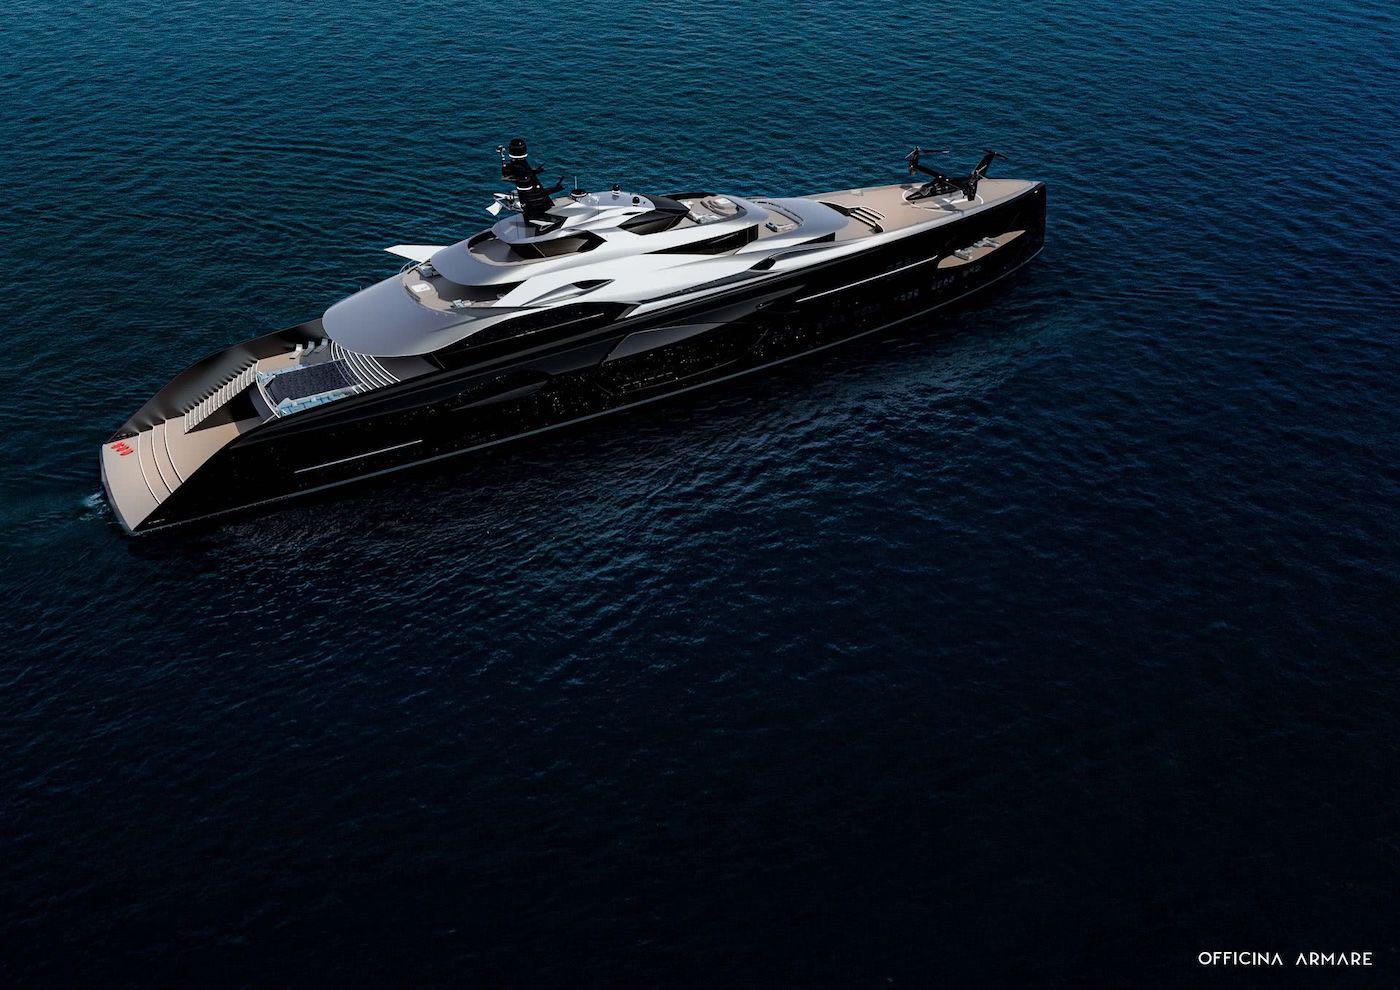 Un megayate con un diseño lujoso, deportivo y futurista